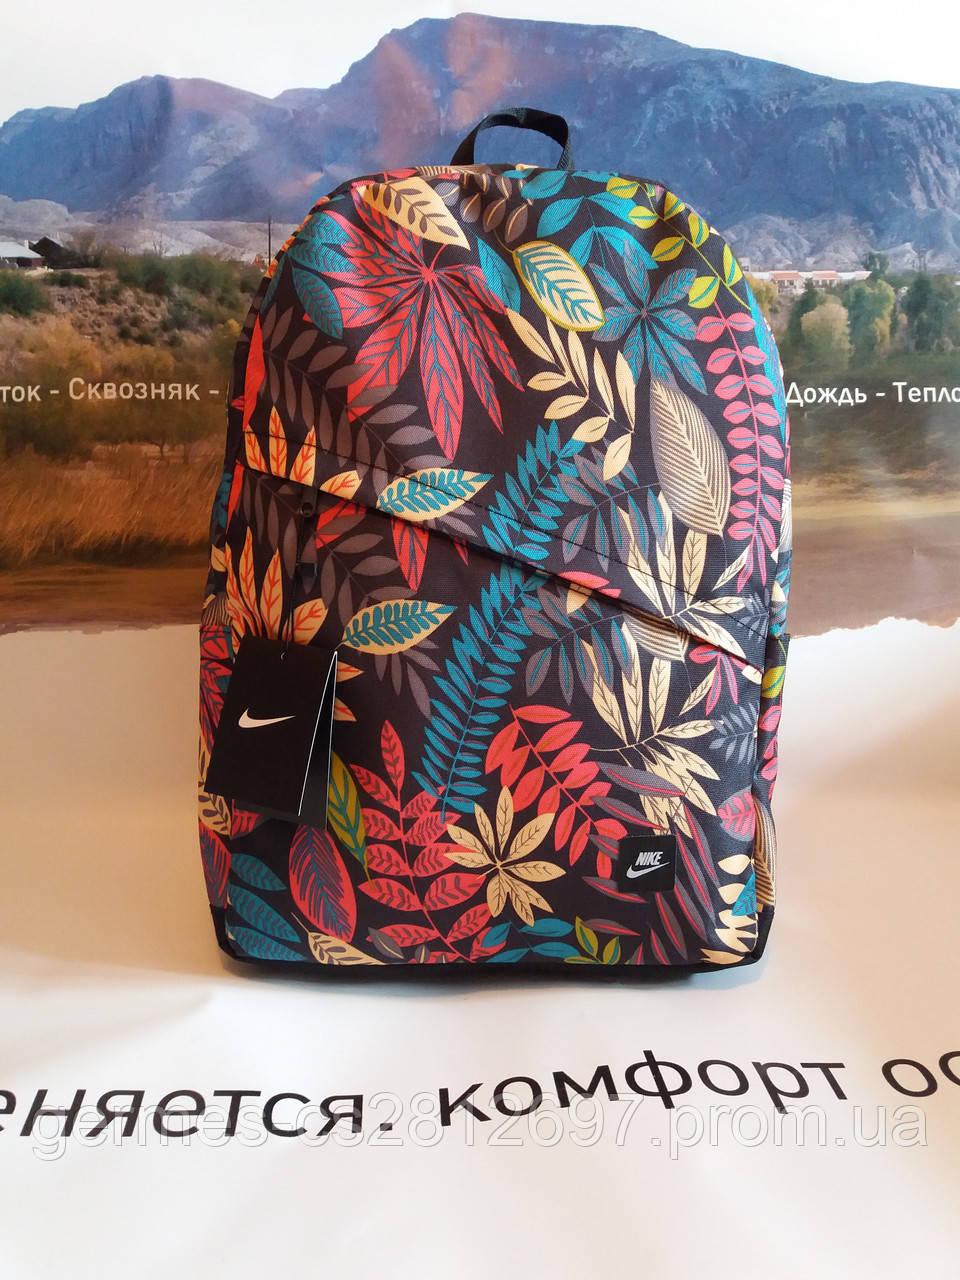 77eaba62cf40 Рюкзак женский Nike лепестки розовые, цена 350 грн., купить в ...